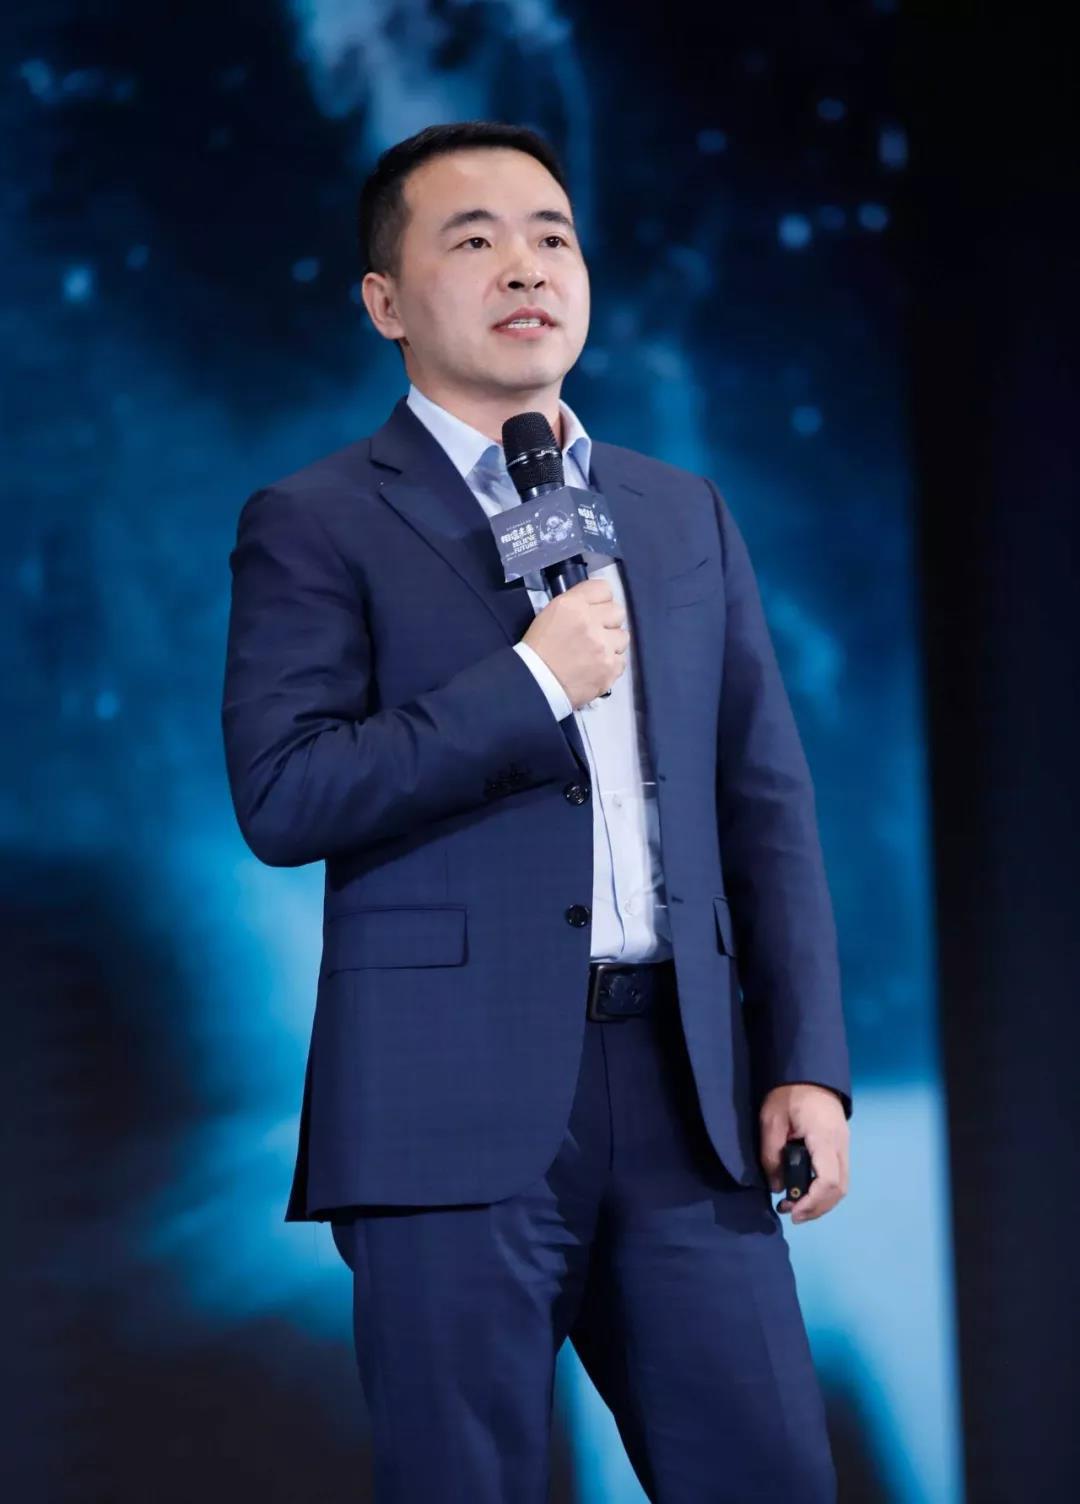 王鹏出席2019第三届万物生长大会现场实拍